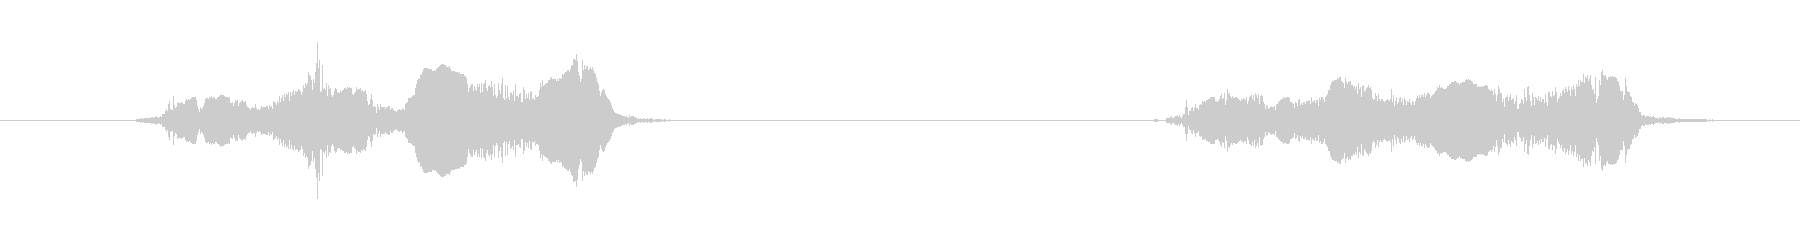 鳥 オウムスコー02の未再生の波形